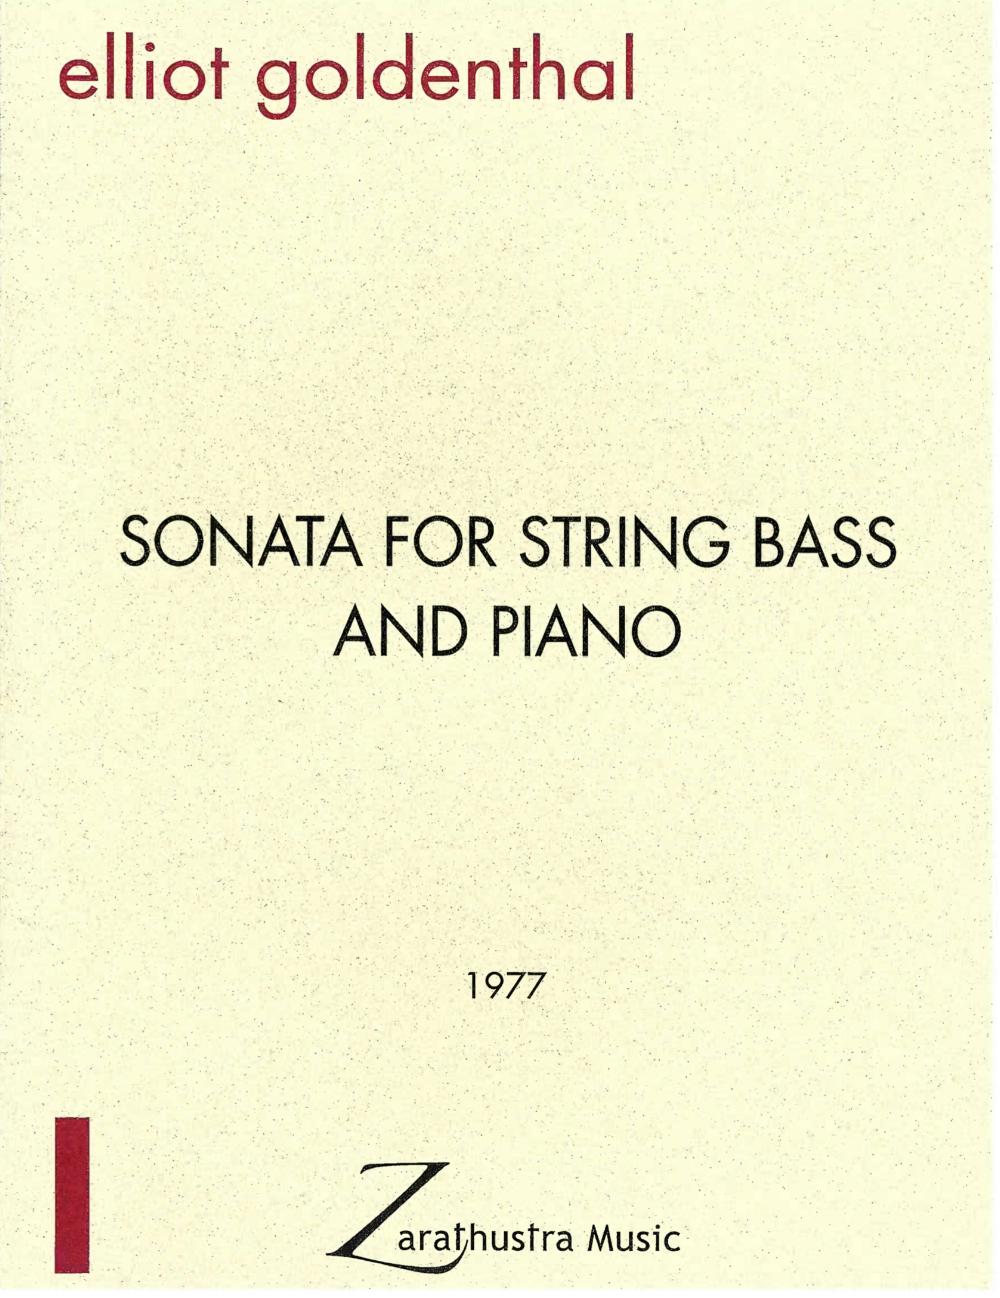 sonata string bass and piano.png